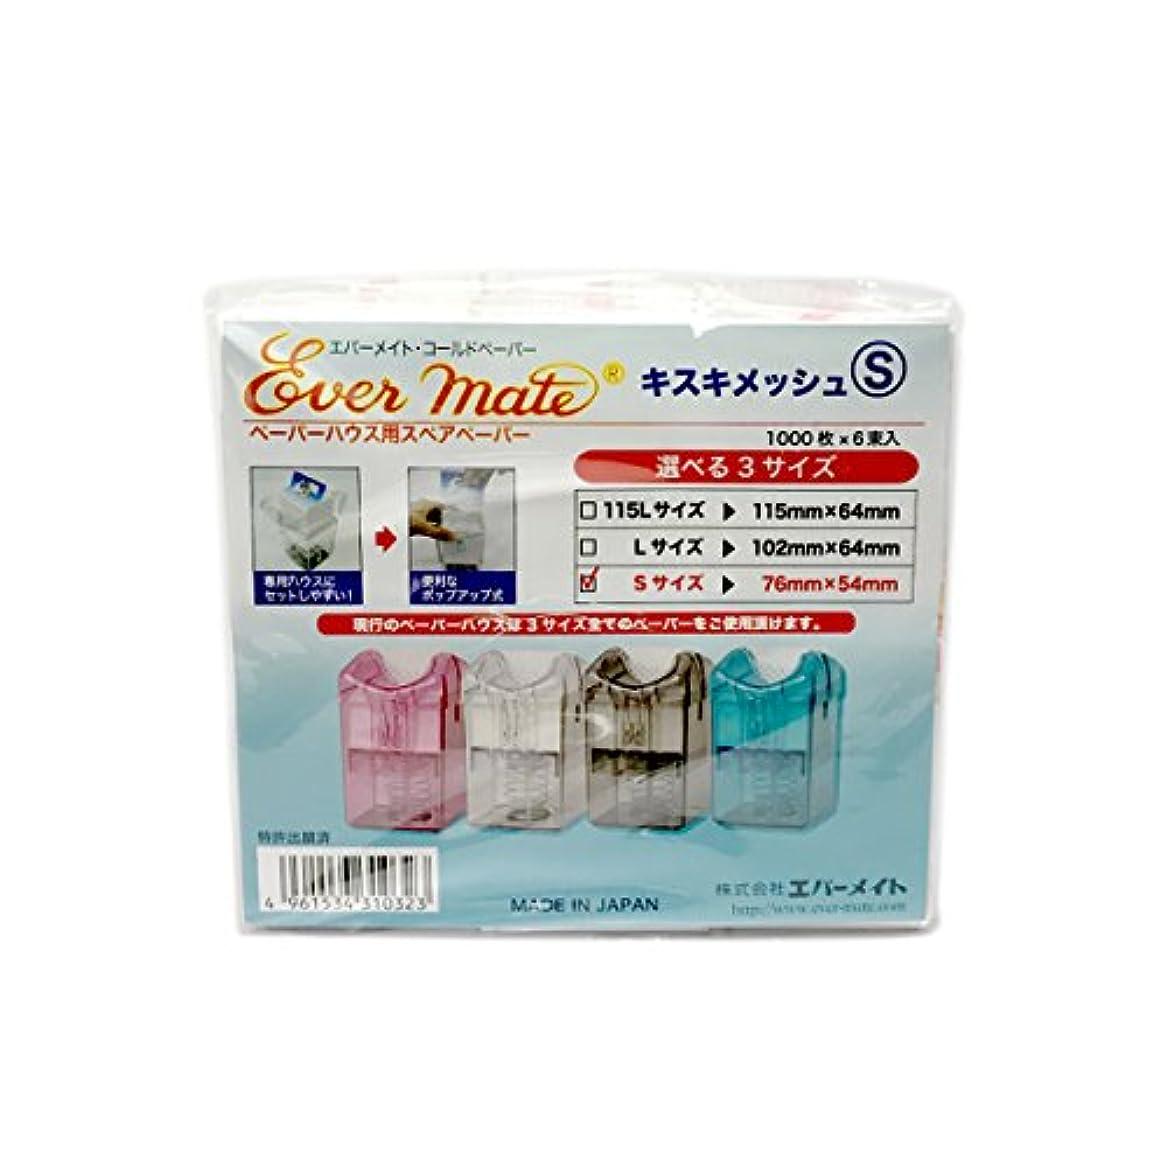 米正 ペーパーハウス用スペアペーパー みさらしキスキメッシュ ショートサイズ 1000枚入×6束